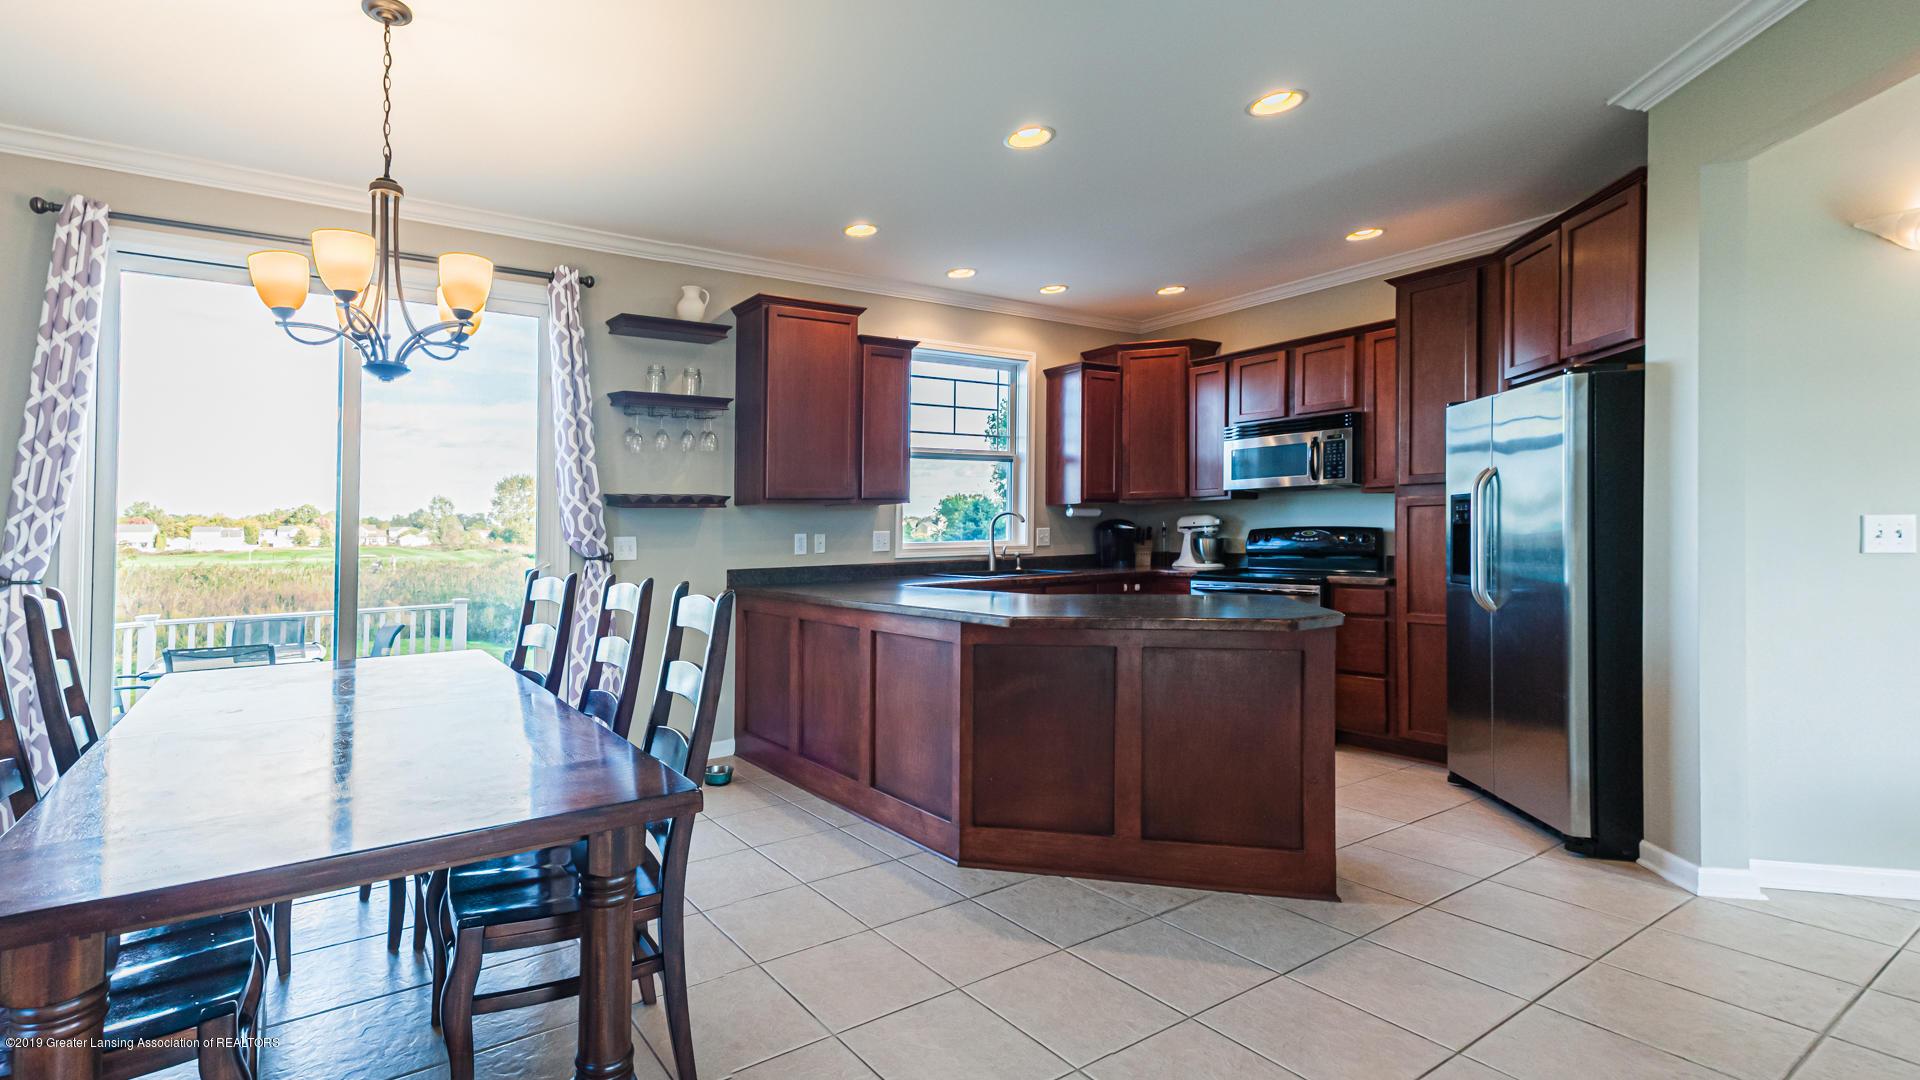 3742 Shearwater Ln - kitchen - 11